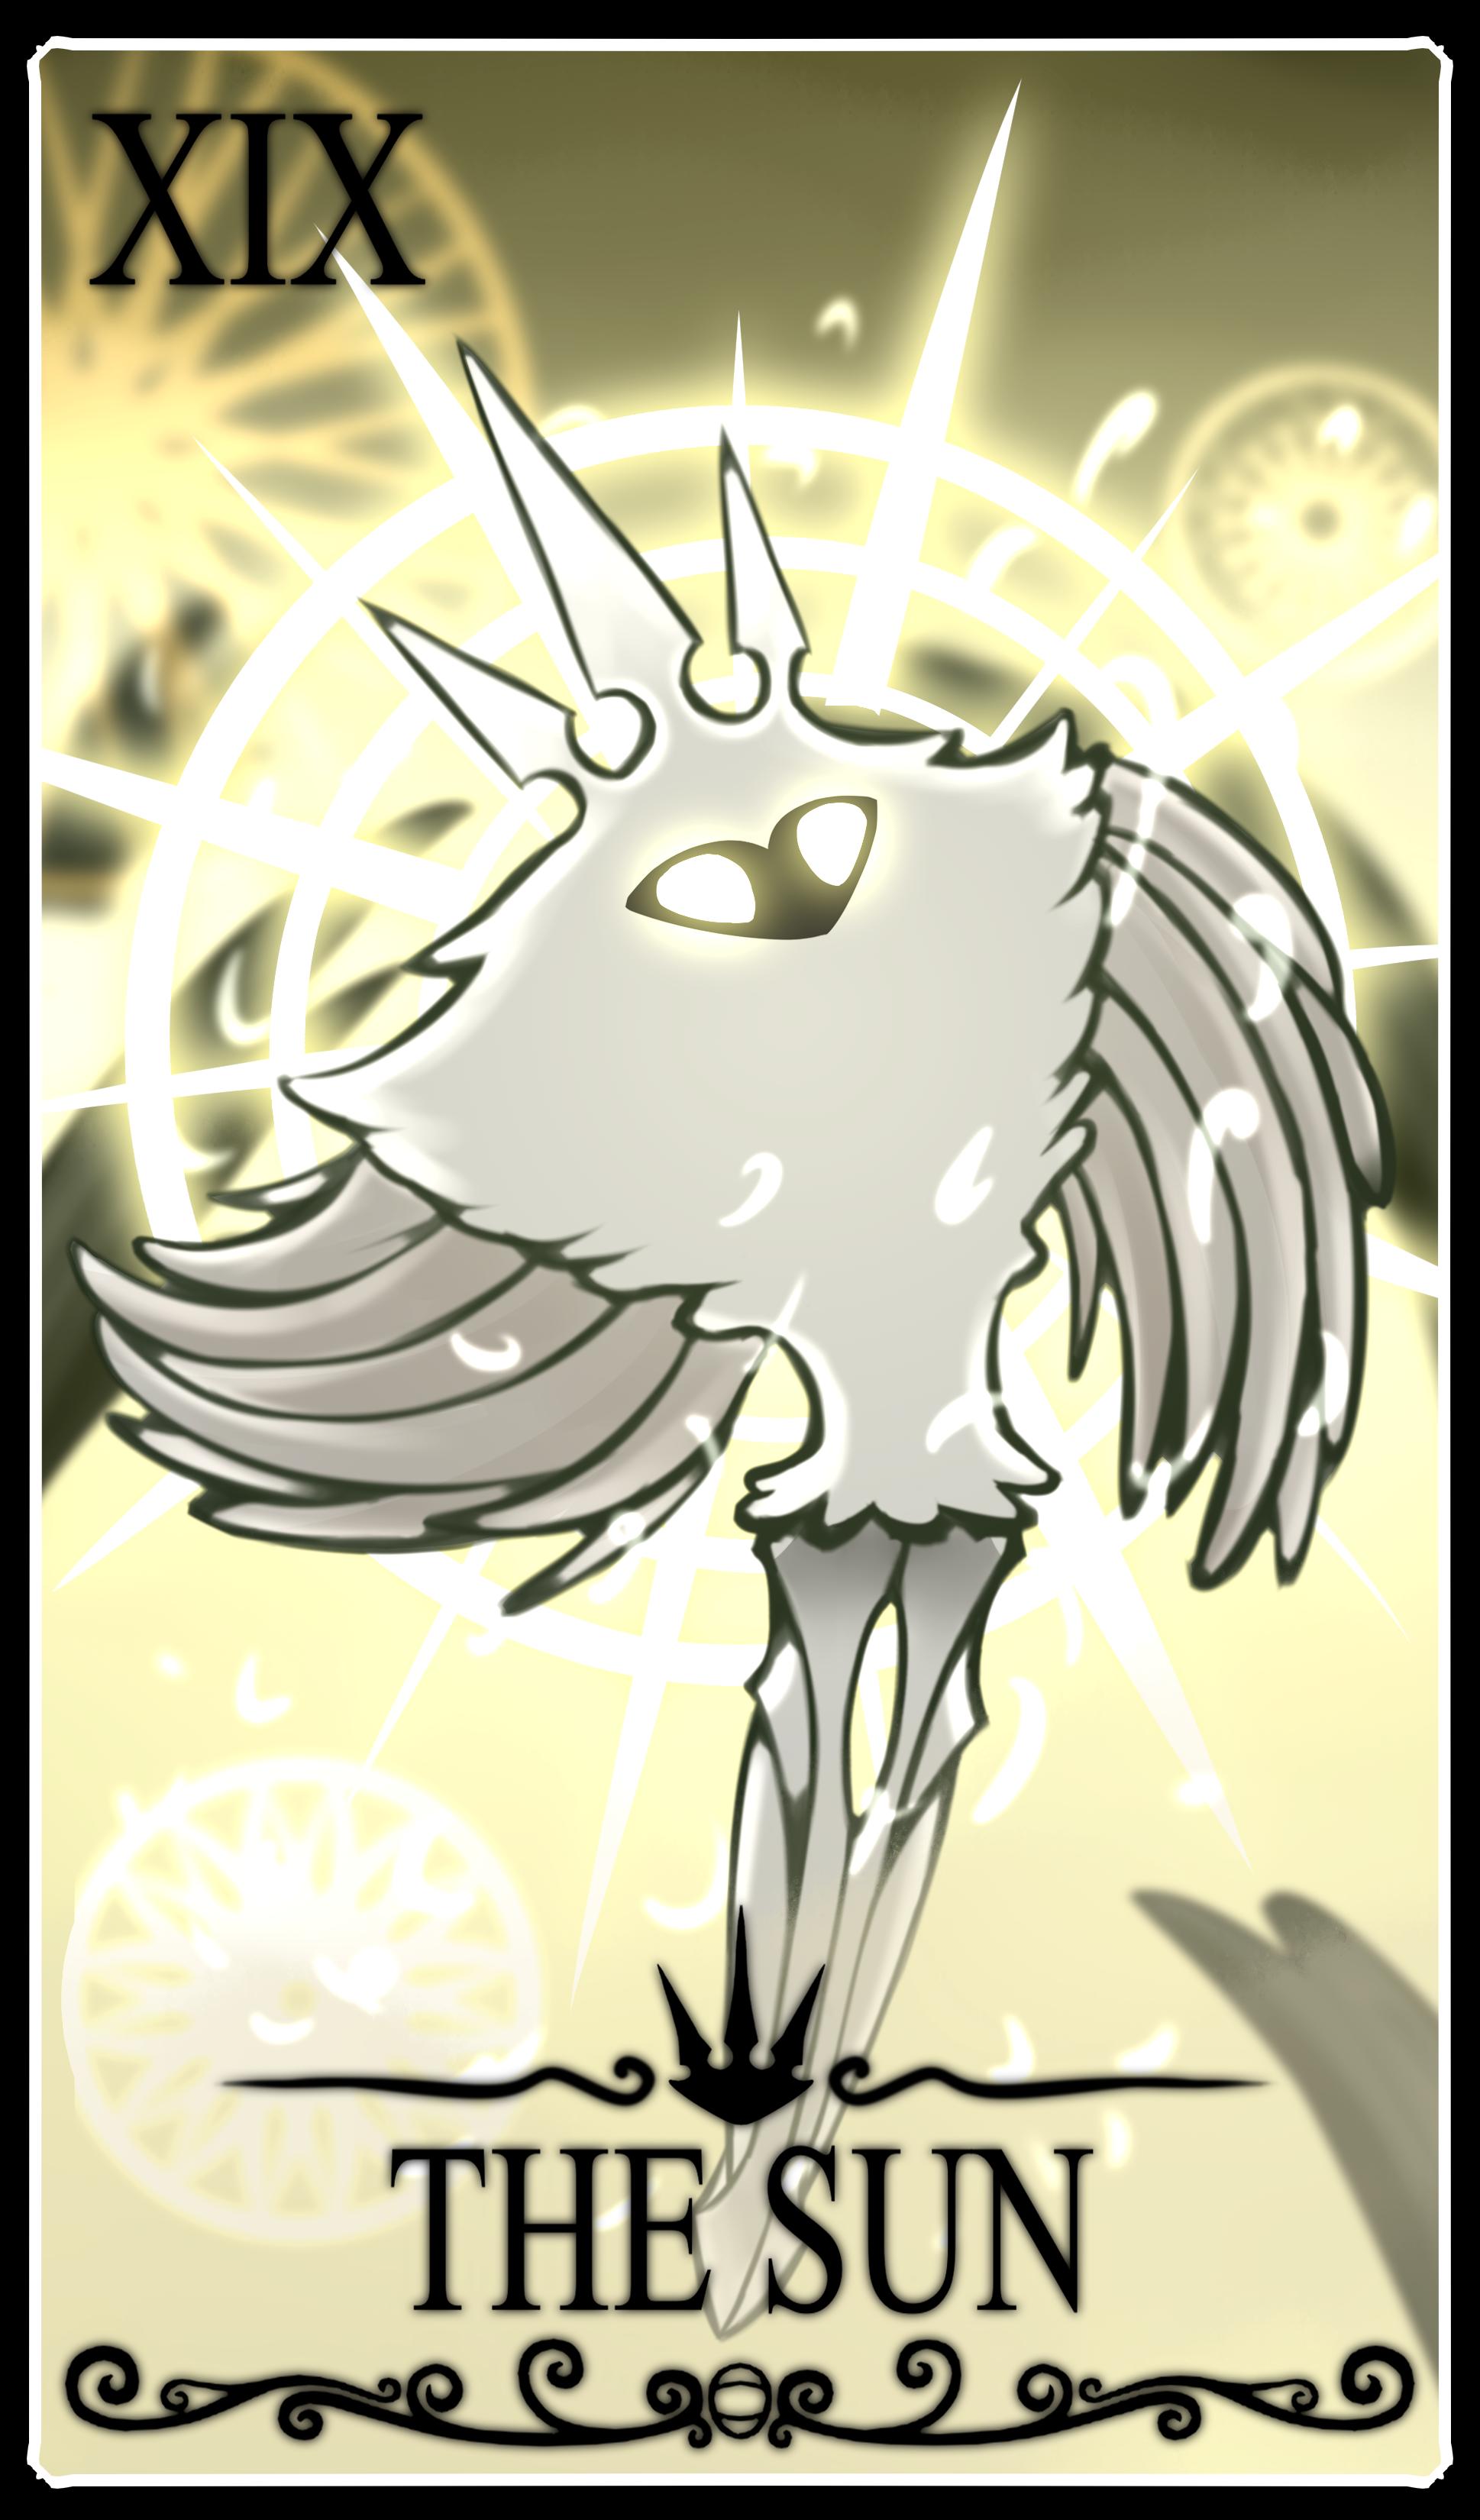 Hollow knight Tarot Card: The Sun